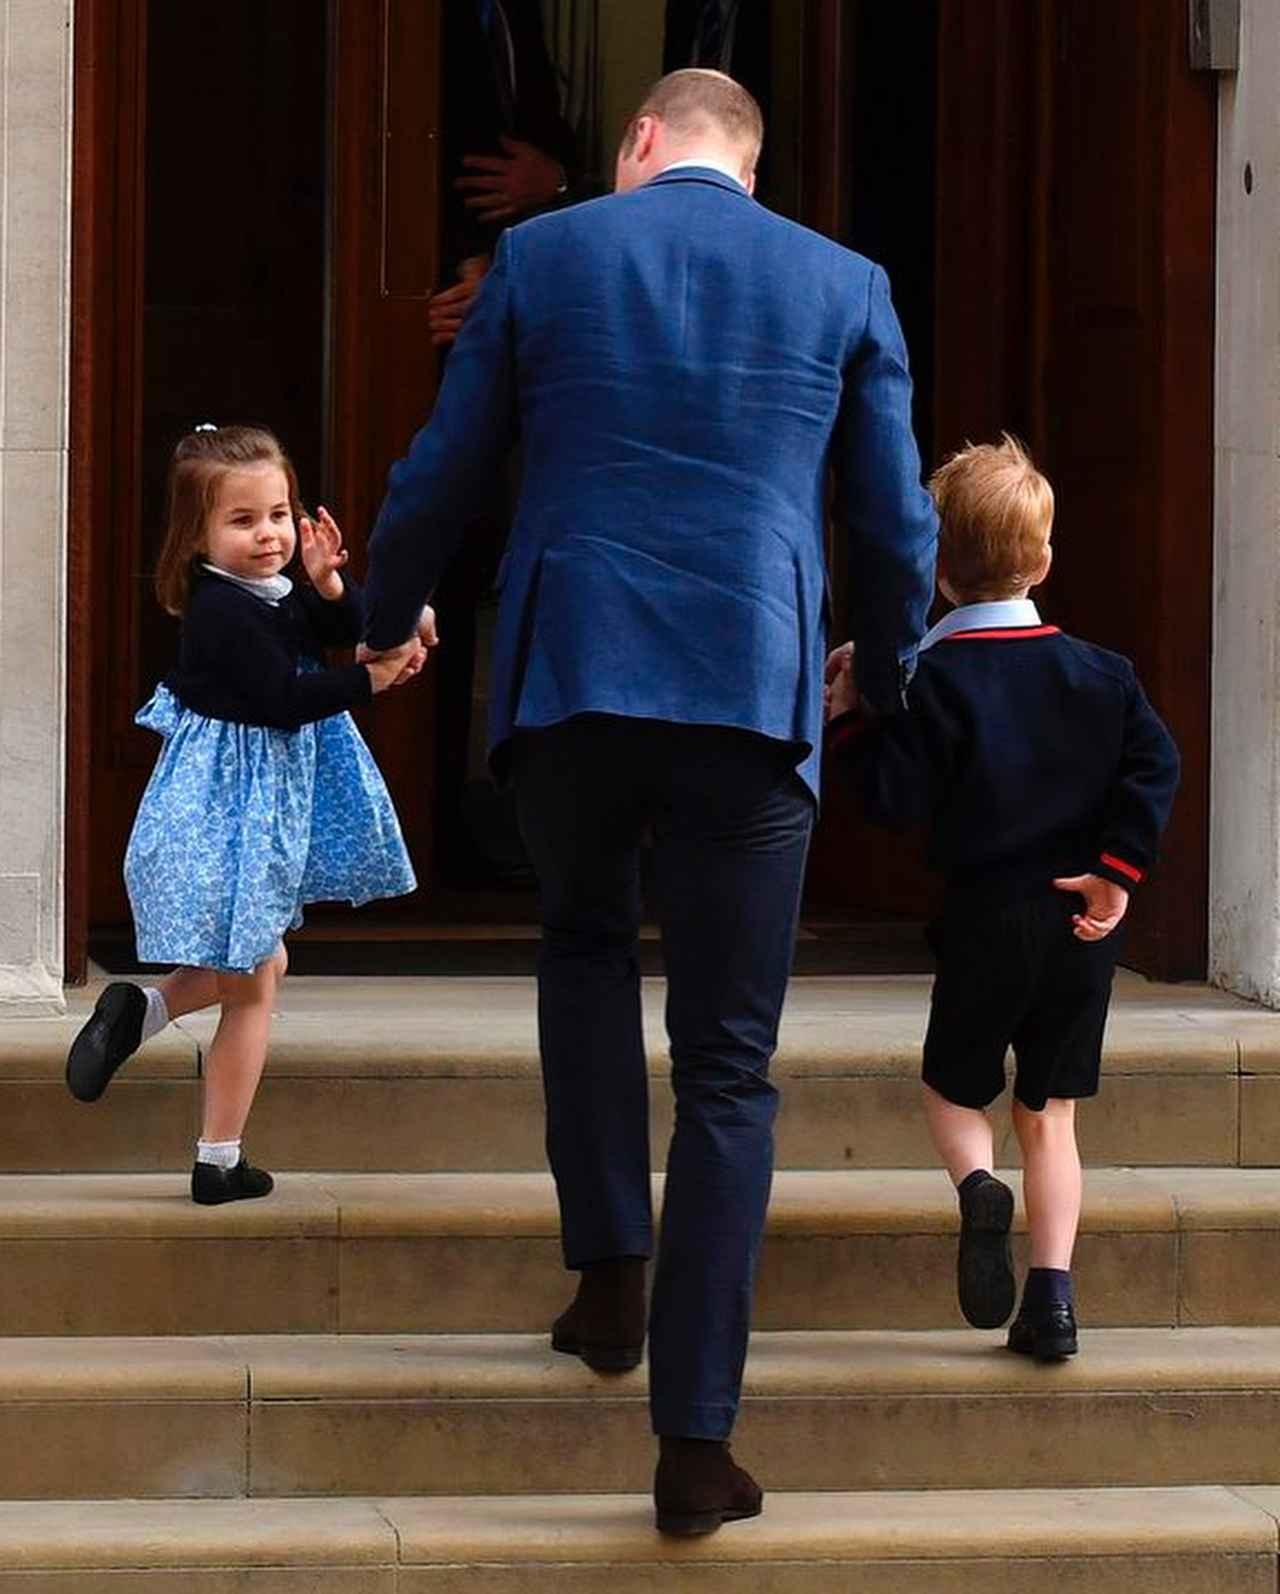 画像4: シャーロット王女、2歳とは思えない神対応をみせる